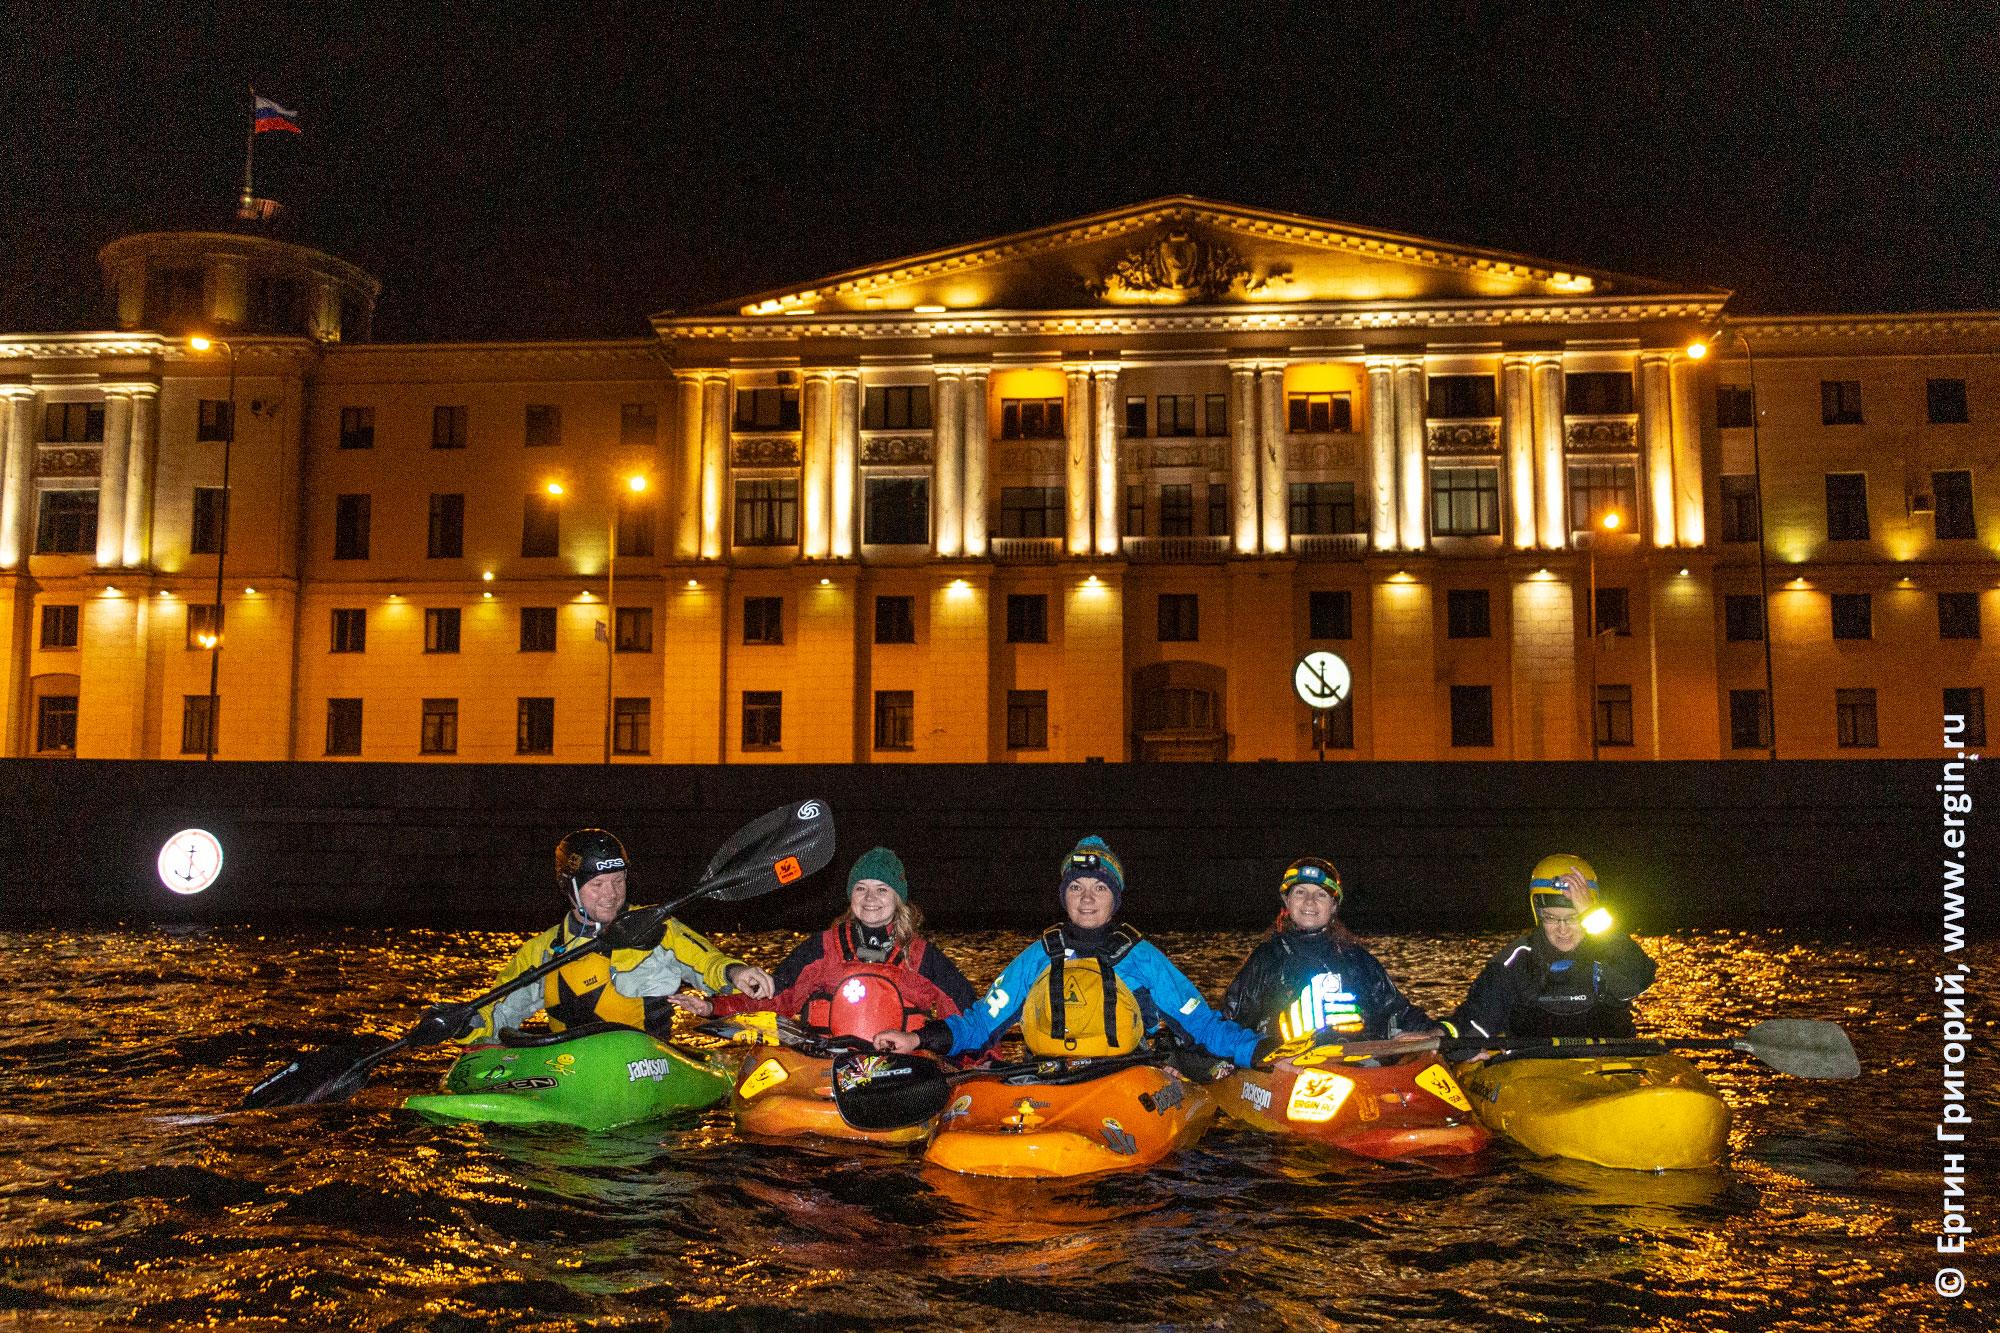 Культурно-досуговый центр концертный зал у Финляндского возкала и каякеры на Неве в Питере